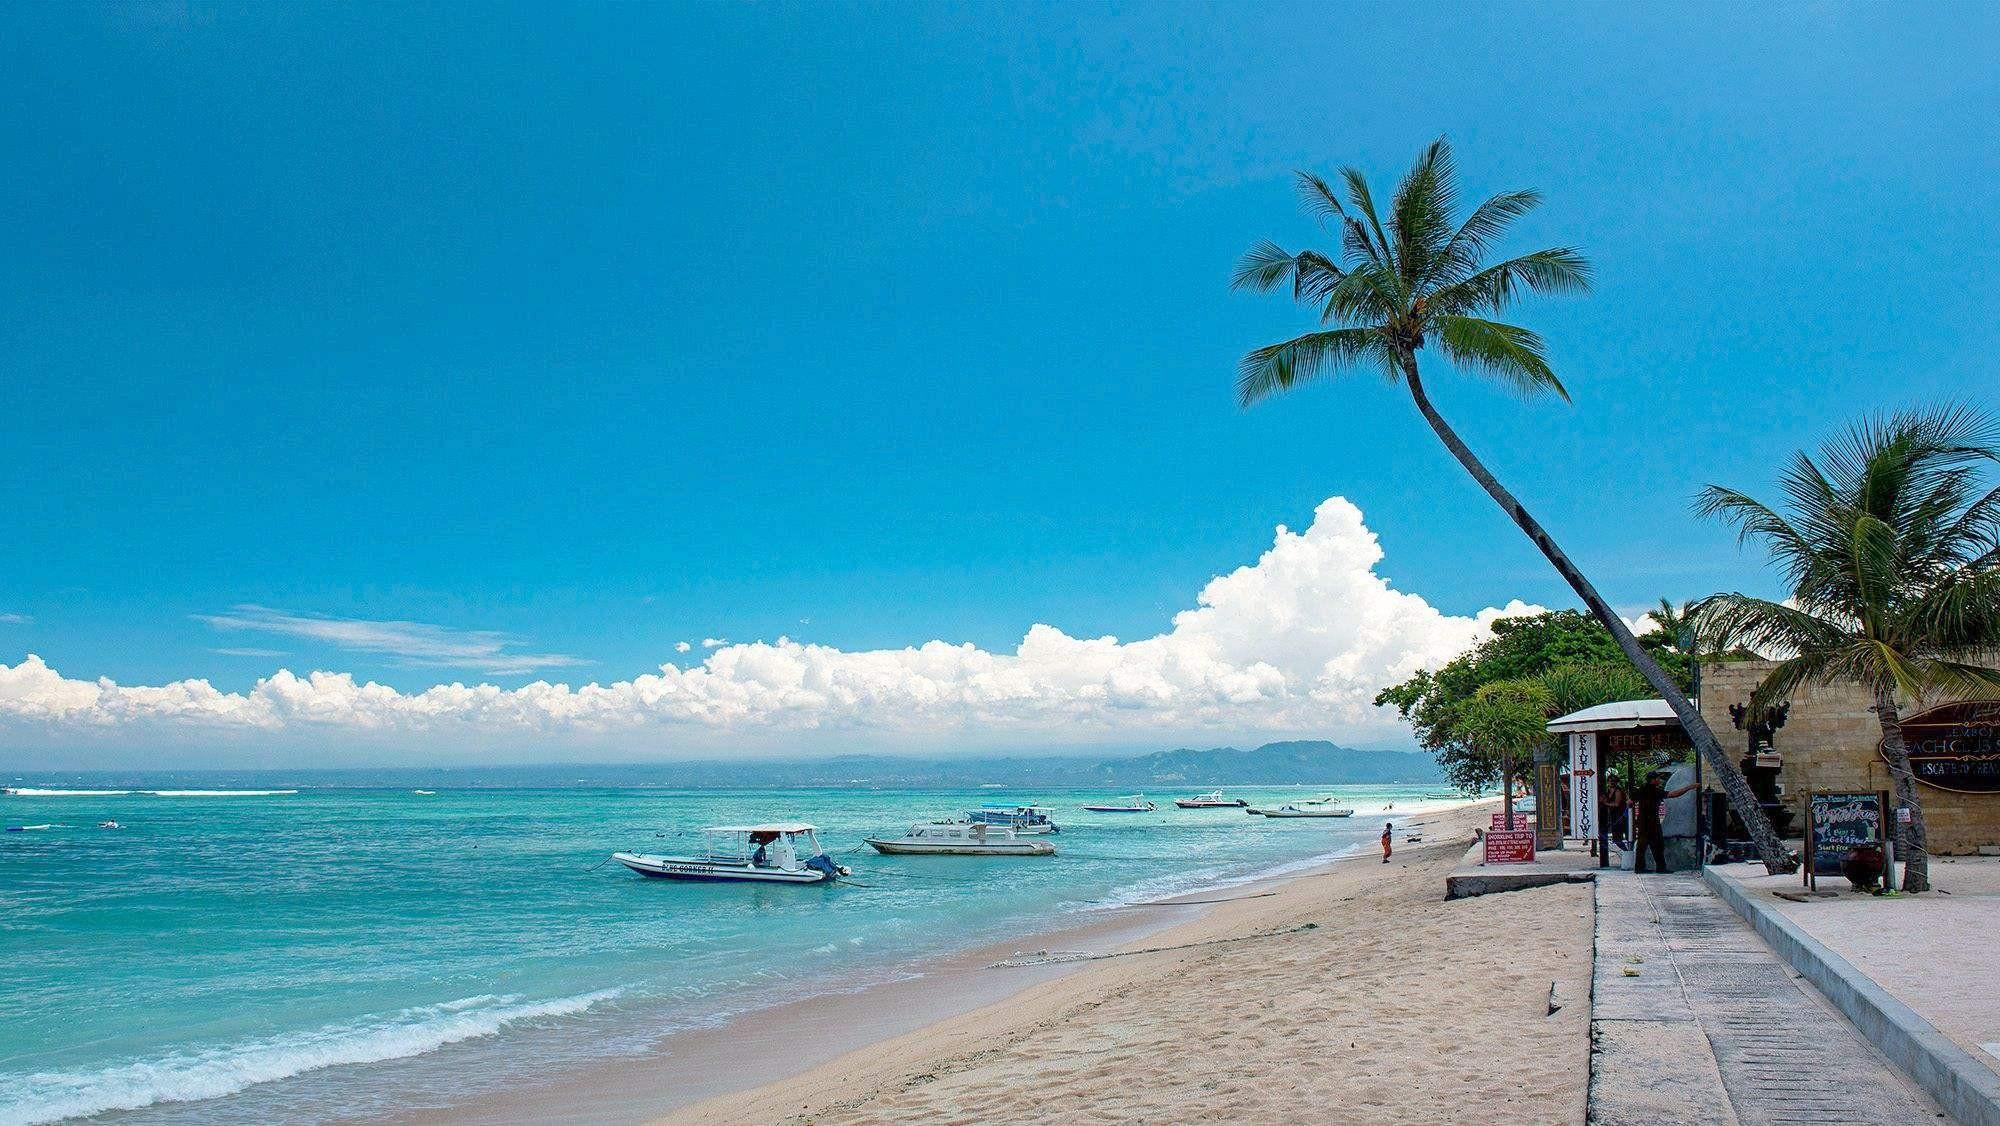 【游记】赴一场南纬8度之约,巴厘岛亲子攻略!